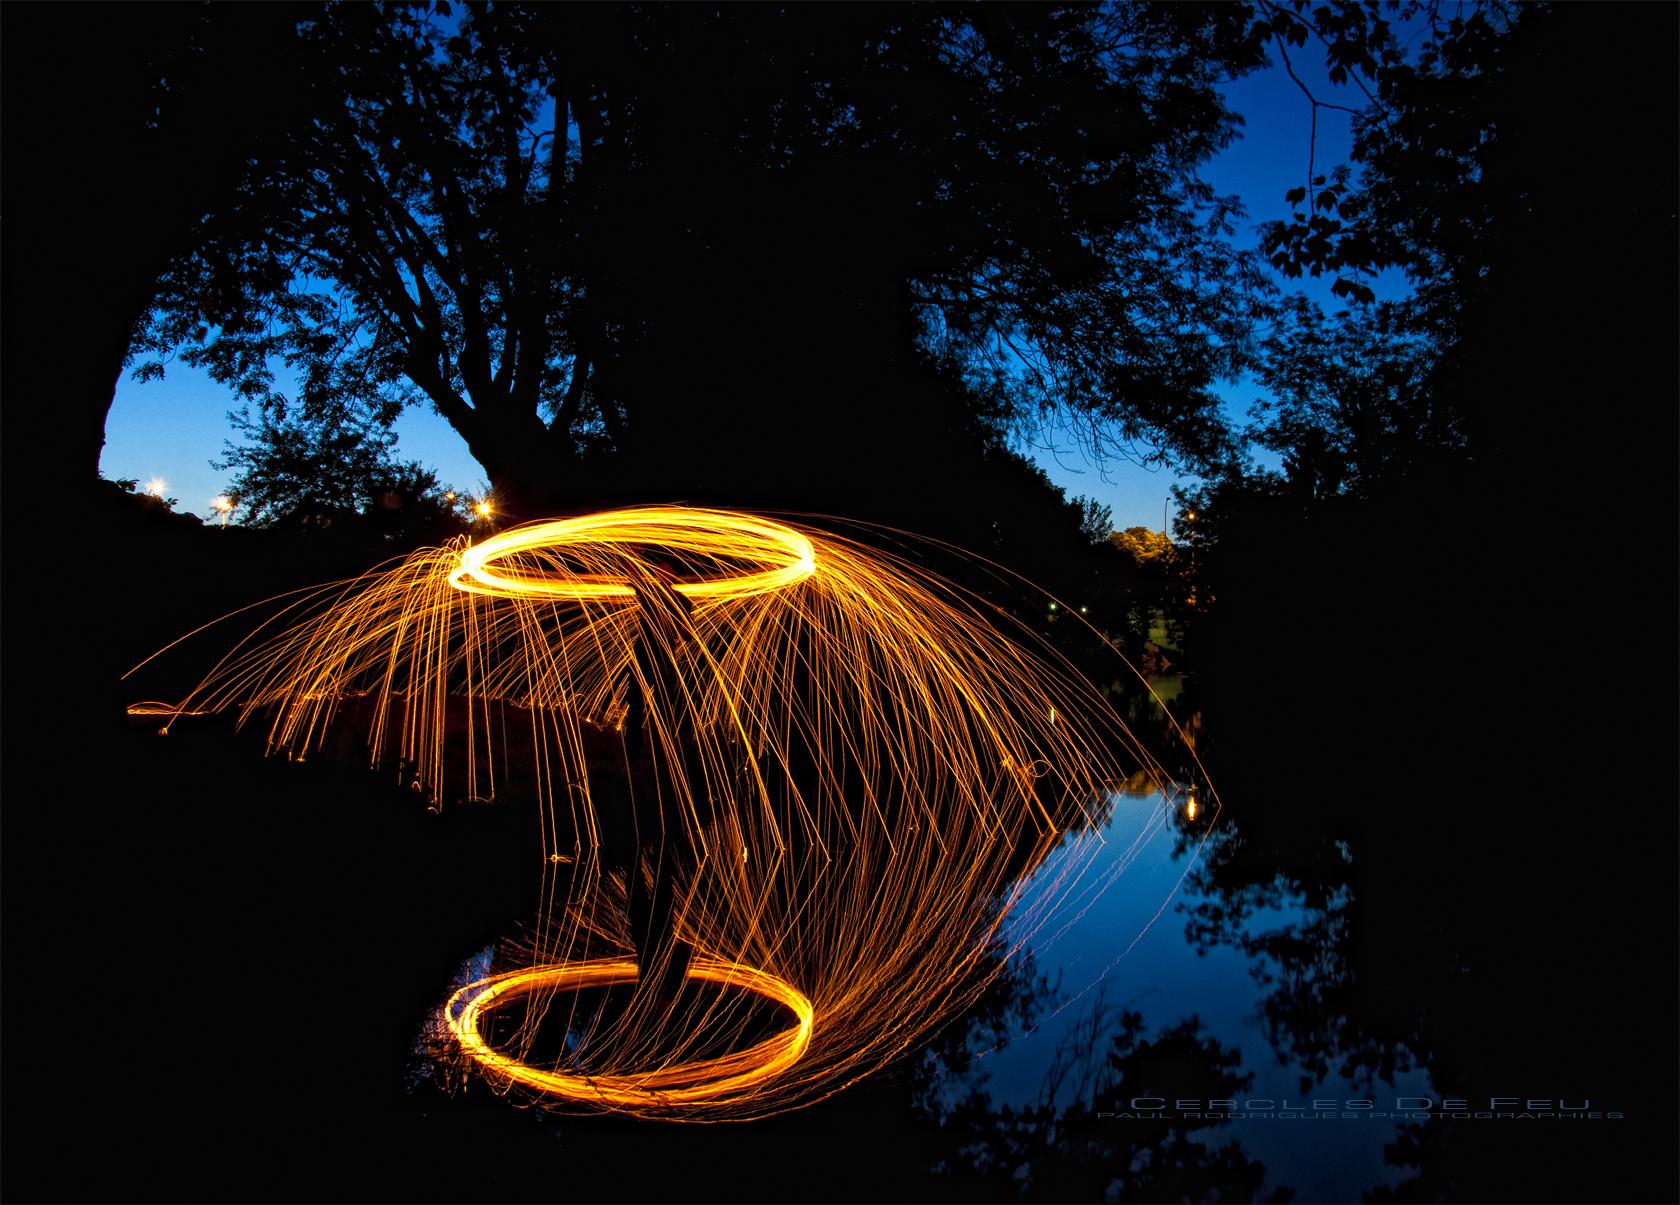 Paille De Fer Souris fond d'écran : foncé, nuit, eau, réflexion, ciel, bois, feu